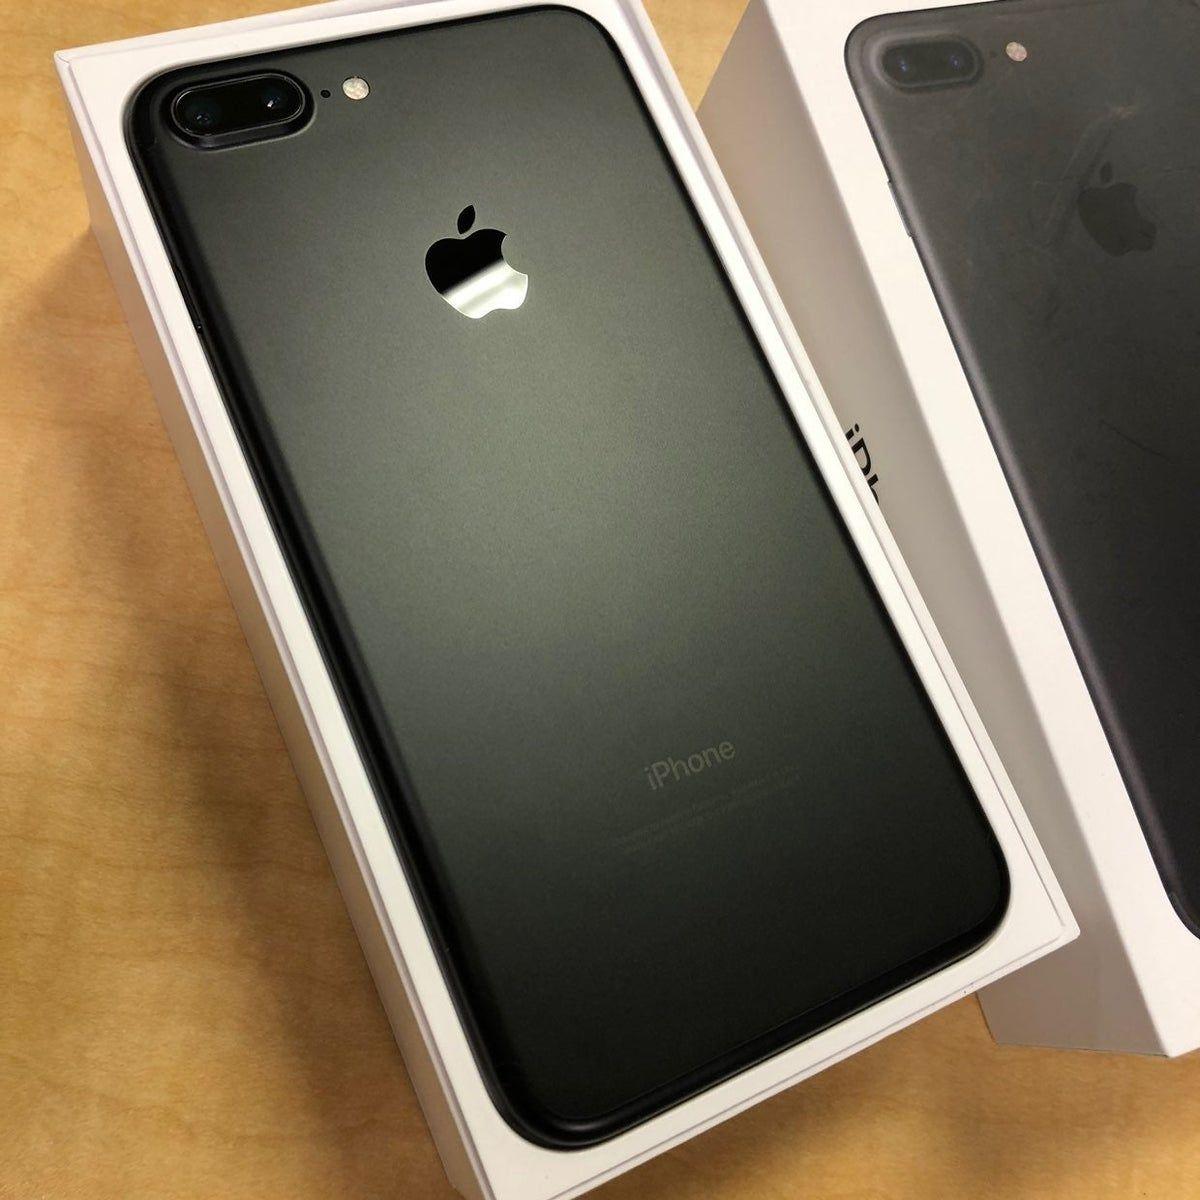 Iphone 7 Plus Black 256 Gb Unlocked Iphone 7 Plus Black Iphone 7 Plus Iphone